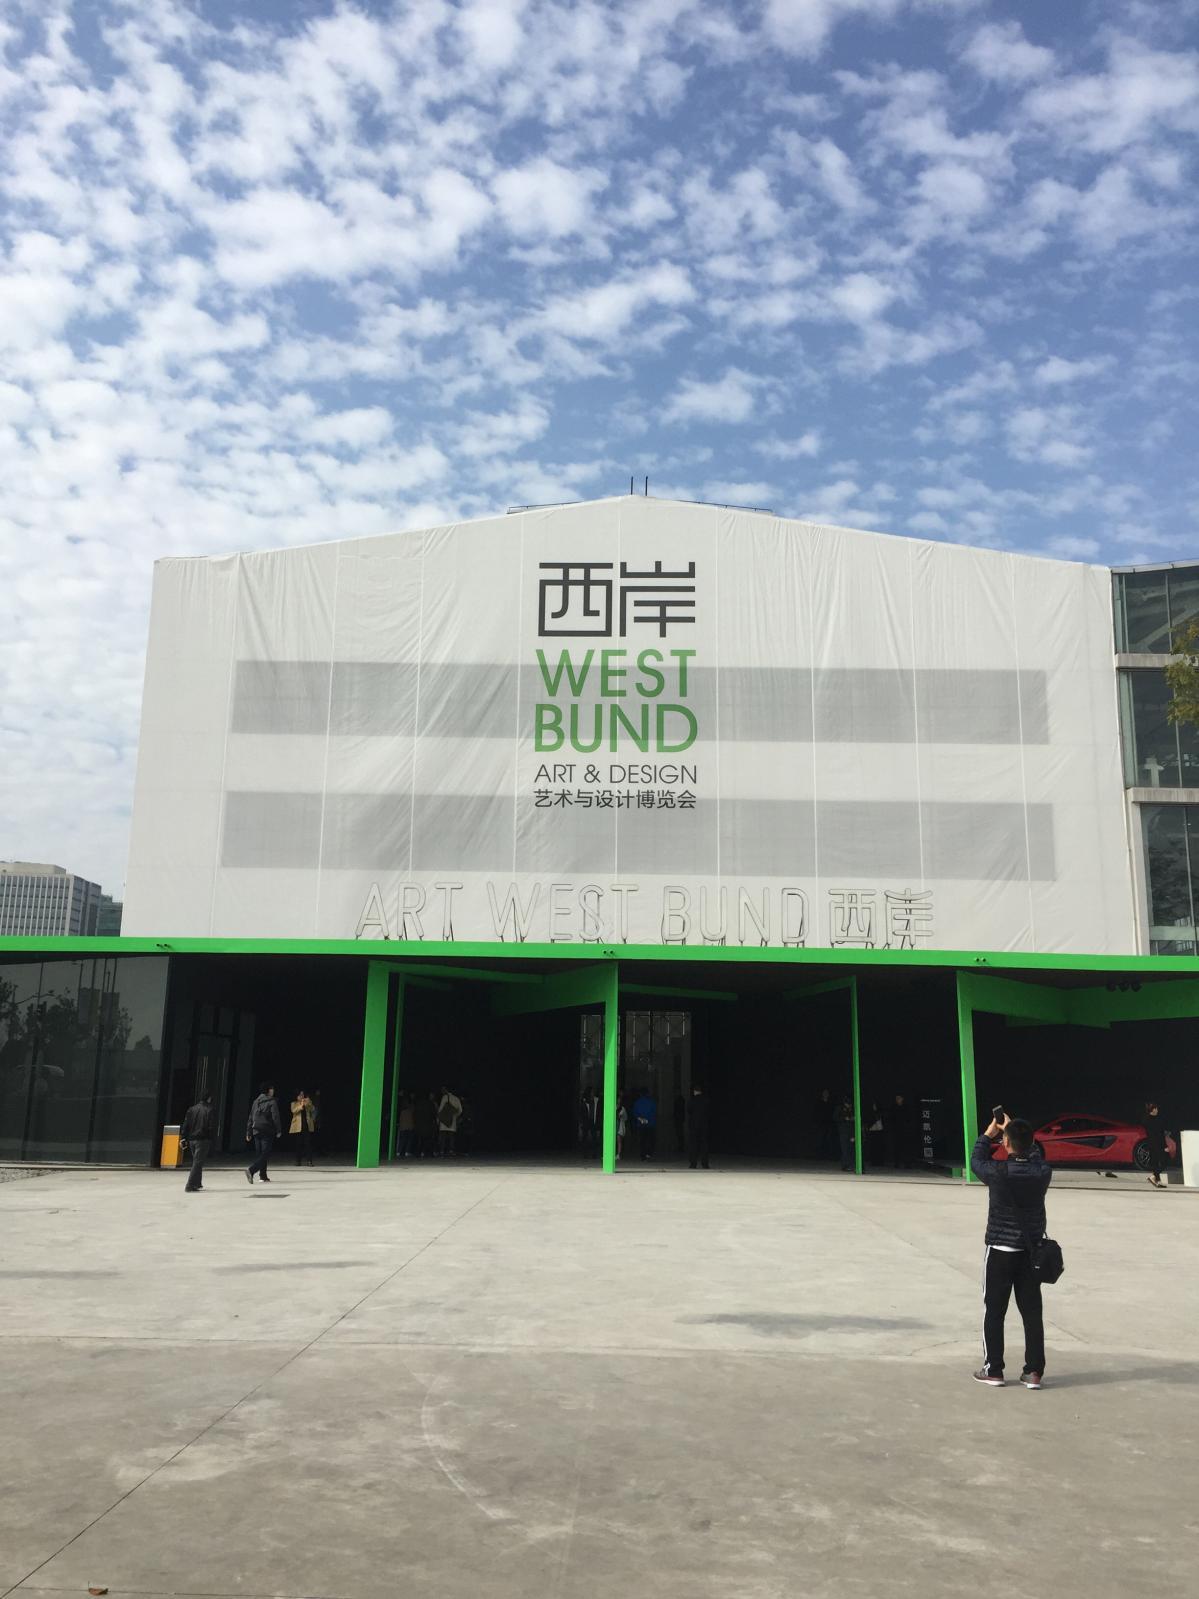 Le West Bund Art Center, dans le nouveau quartier culturel de Shanghai. photo c. boudehen